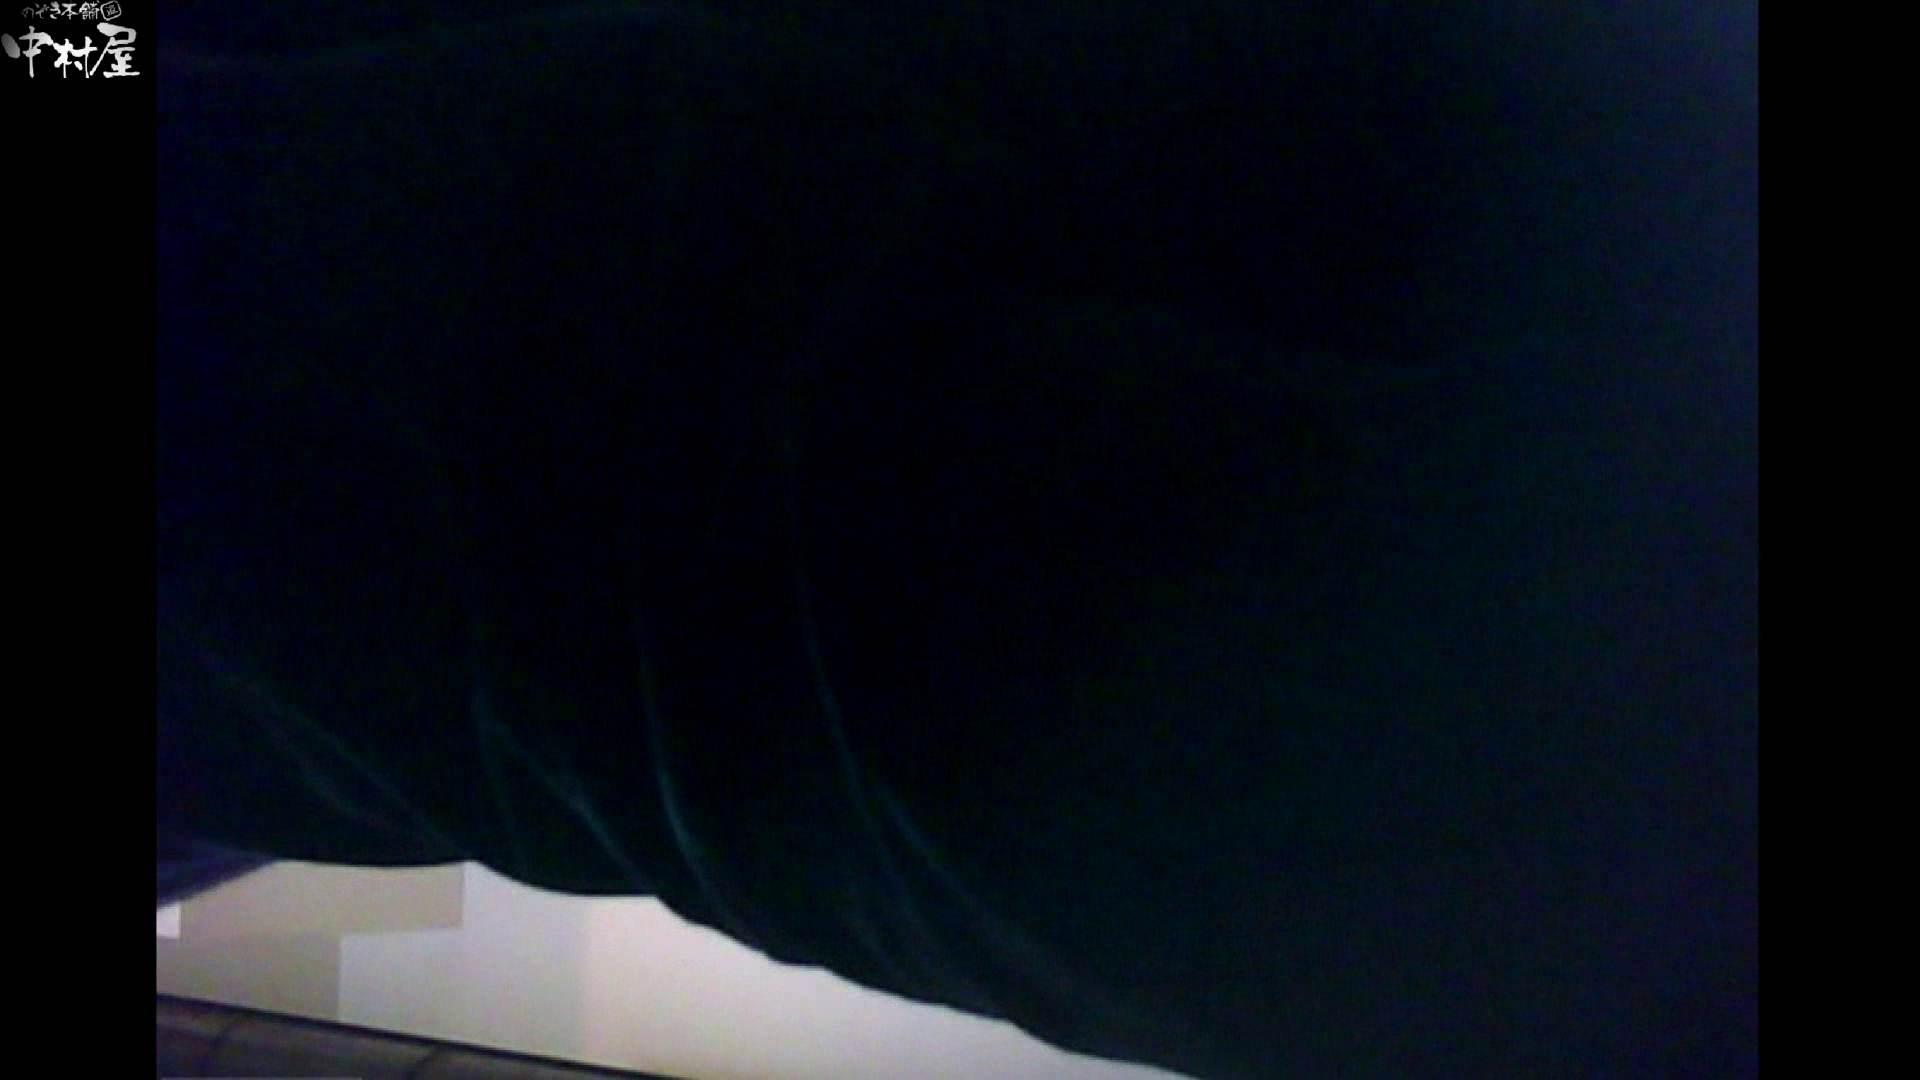 三つ目で盗撮 vol.52 たまらん肛門 オマンコ無修正動画無料 72連発 23